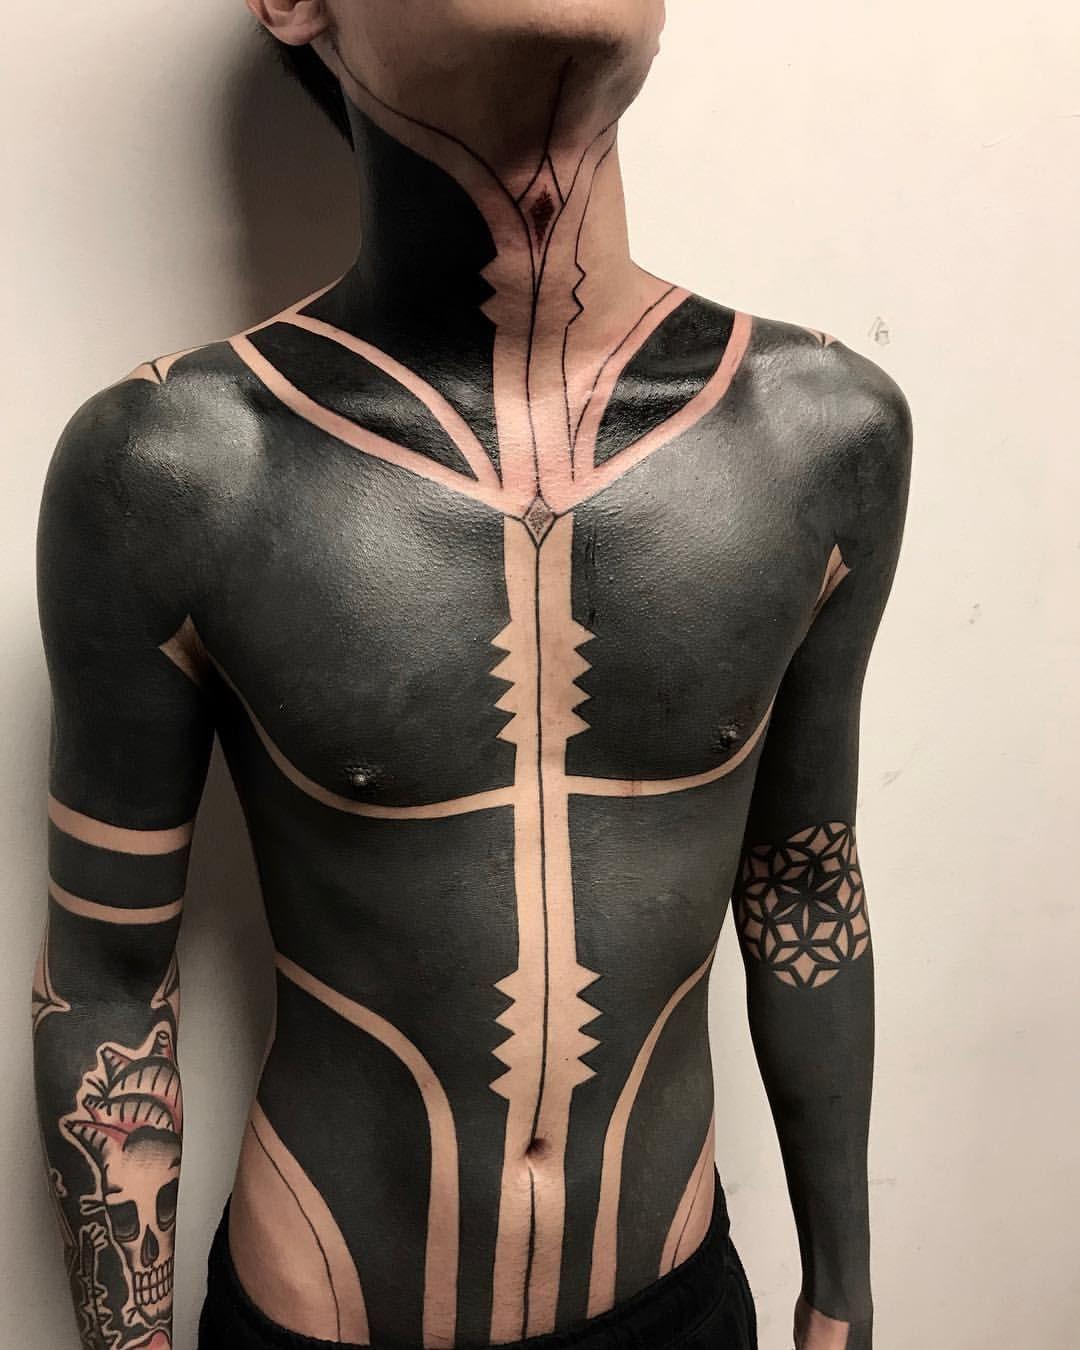 blackout tattoo 13